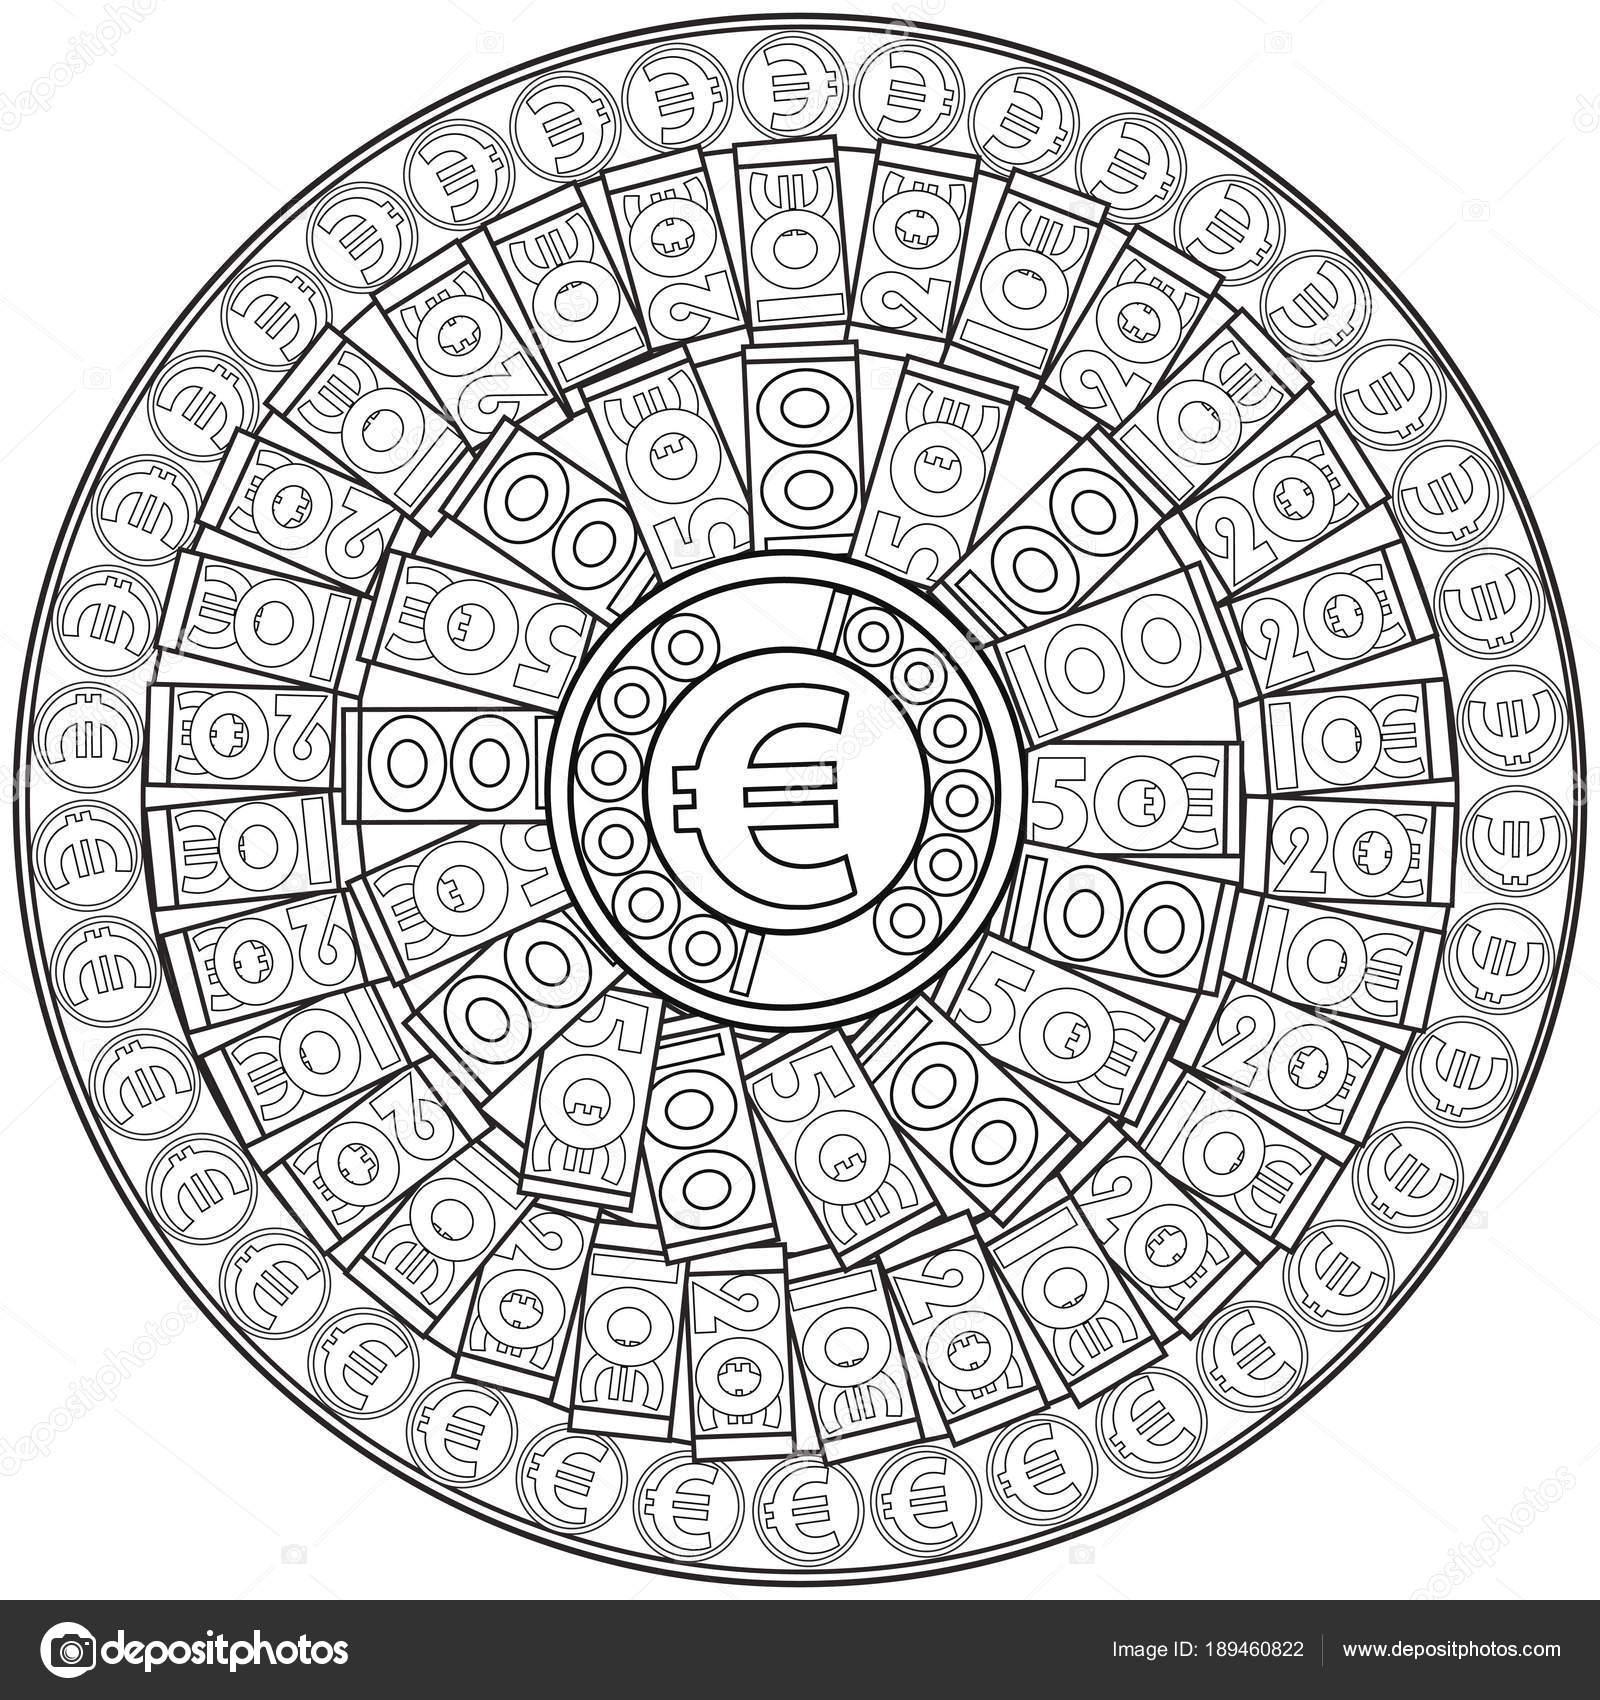 Euro. Malvorlagen für Erwachsene. Mandala, Geld zu gewinnen ...